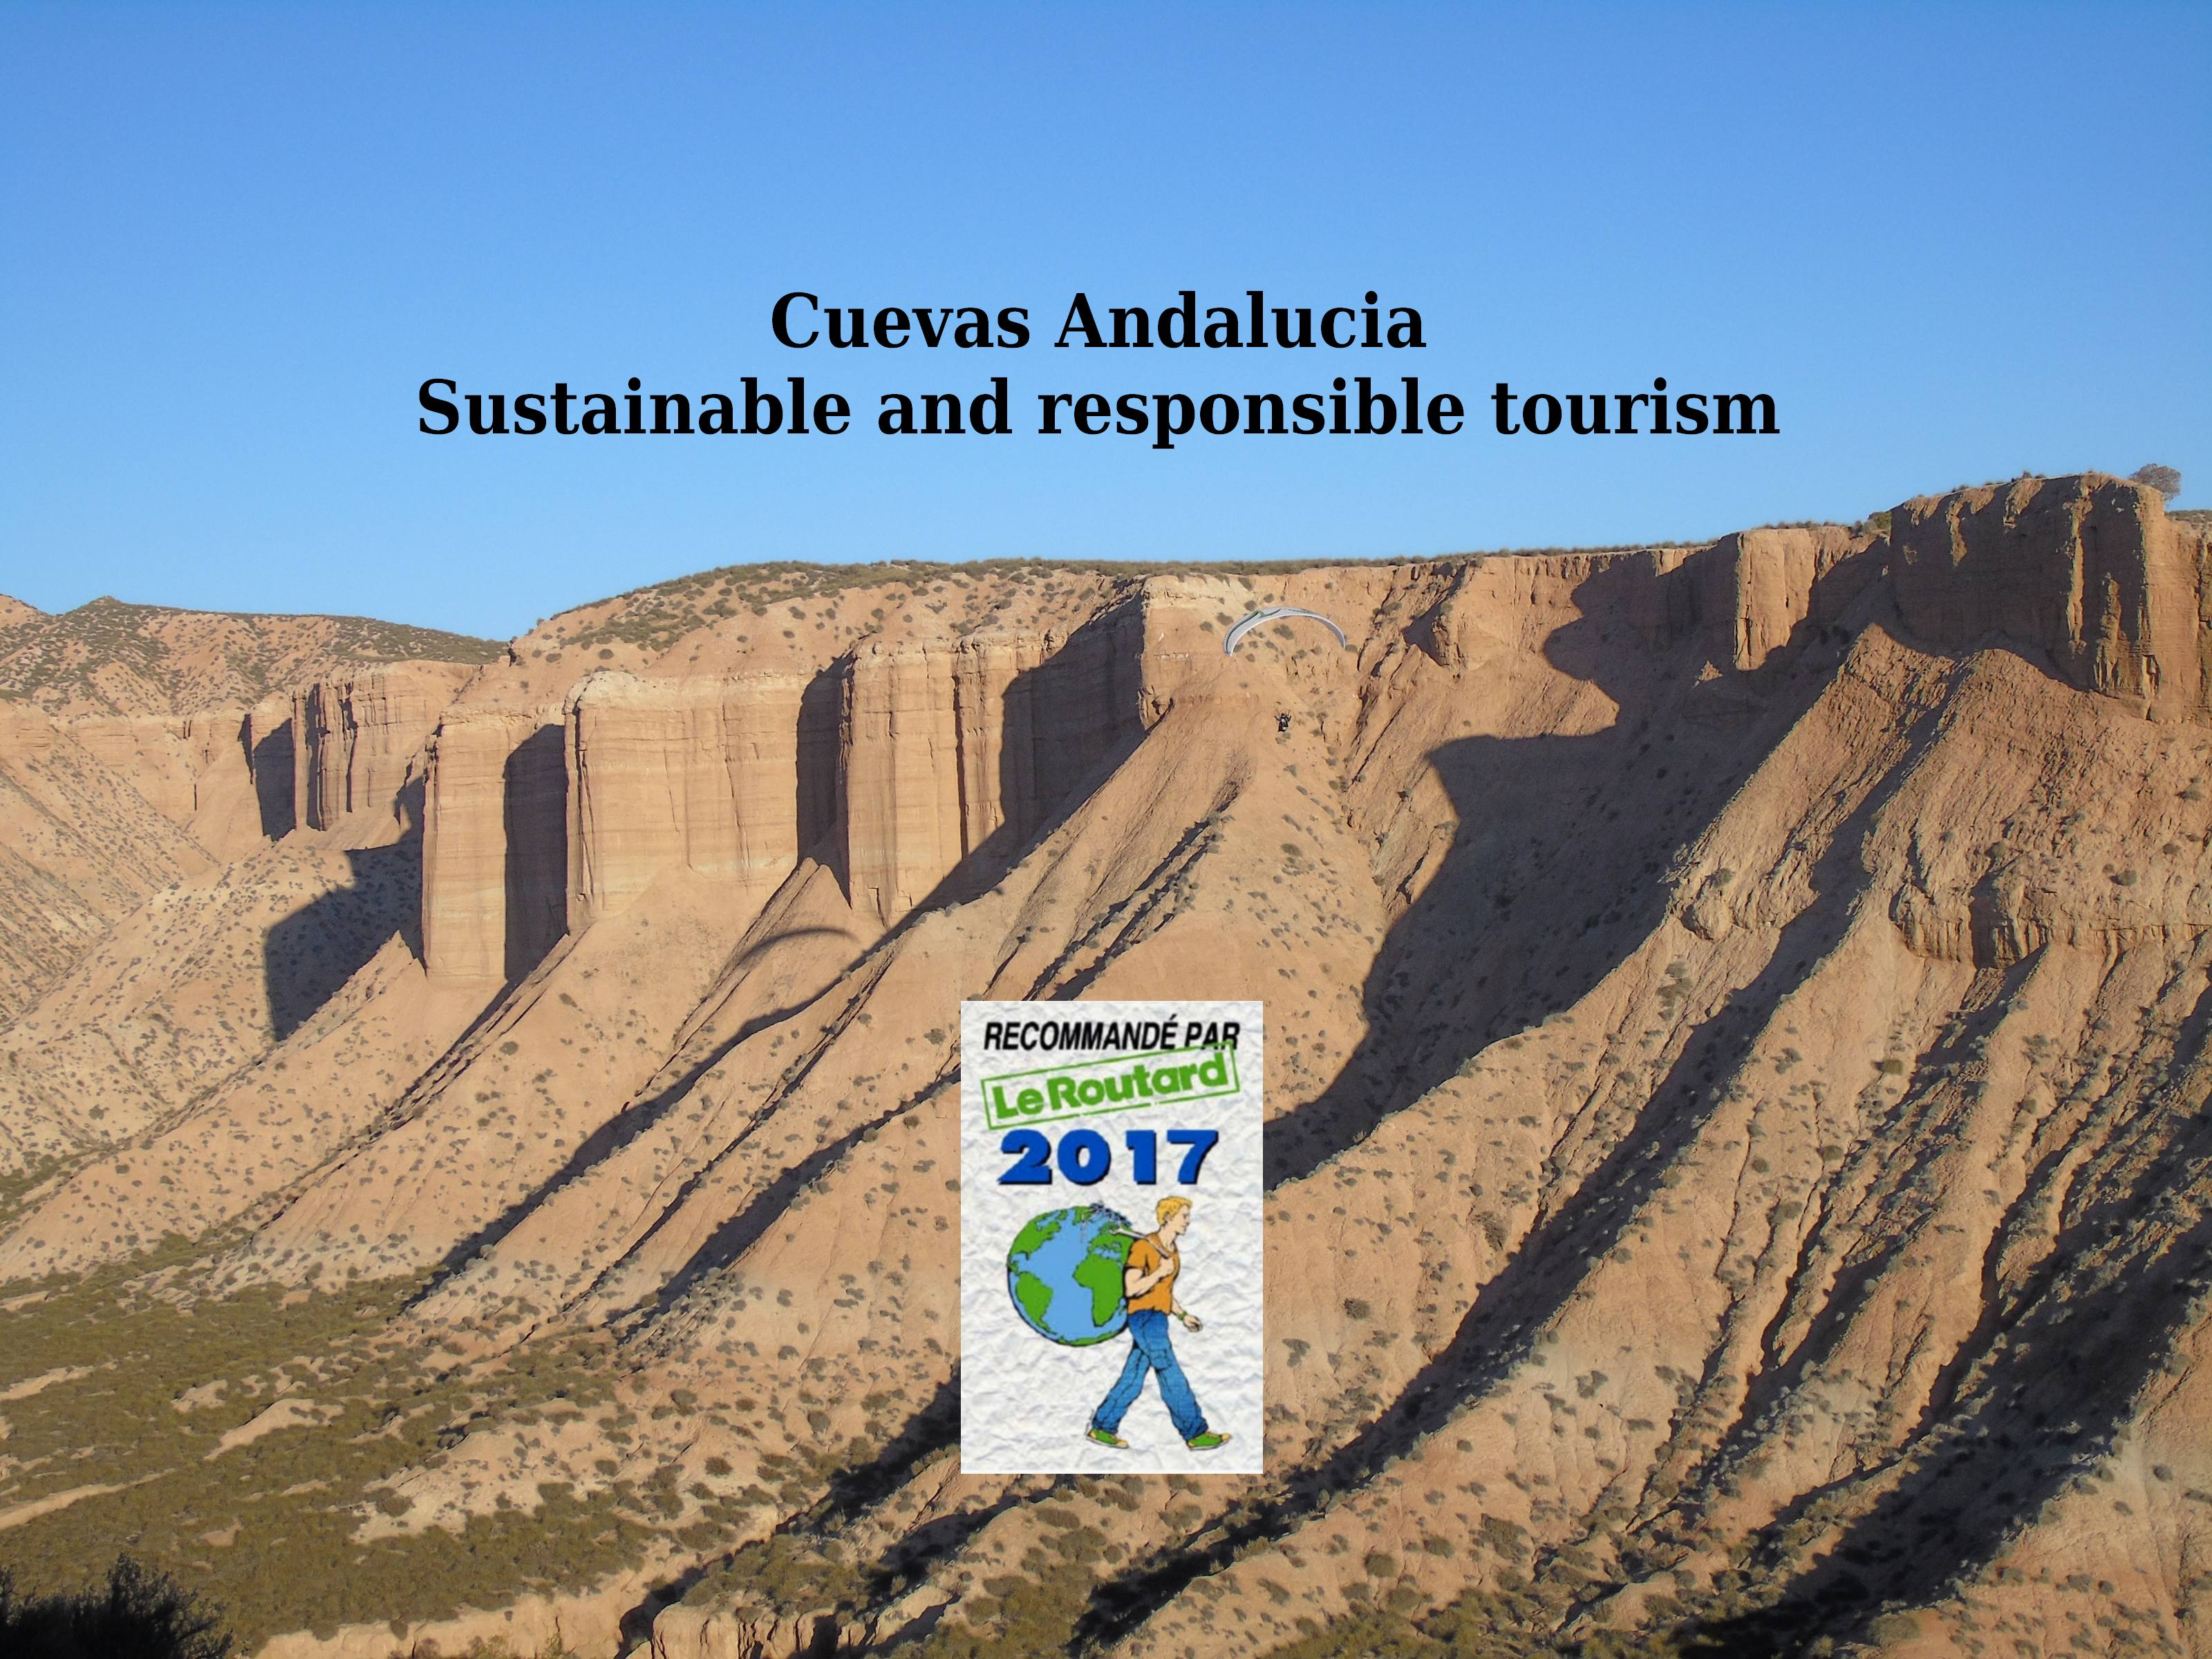 http://www.cuevasandalucia.es/es/images/original/Cuevas-Andalucia-Booking.jpg